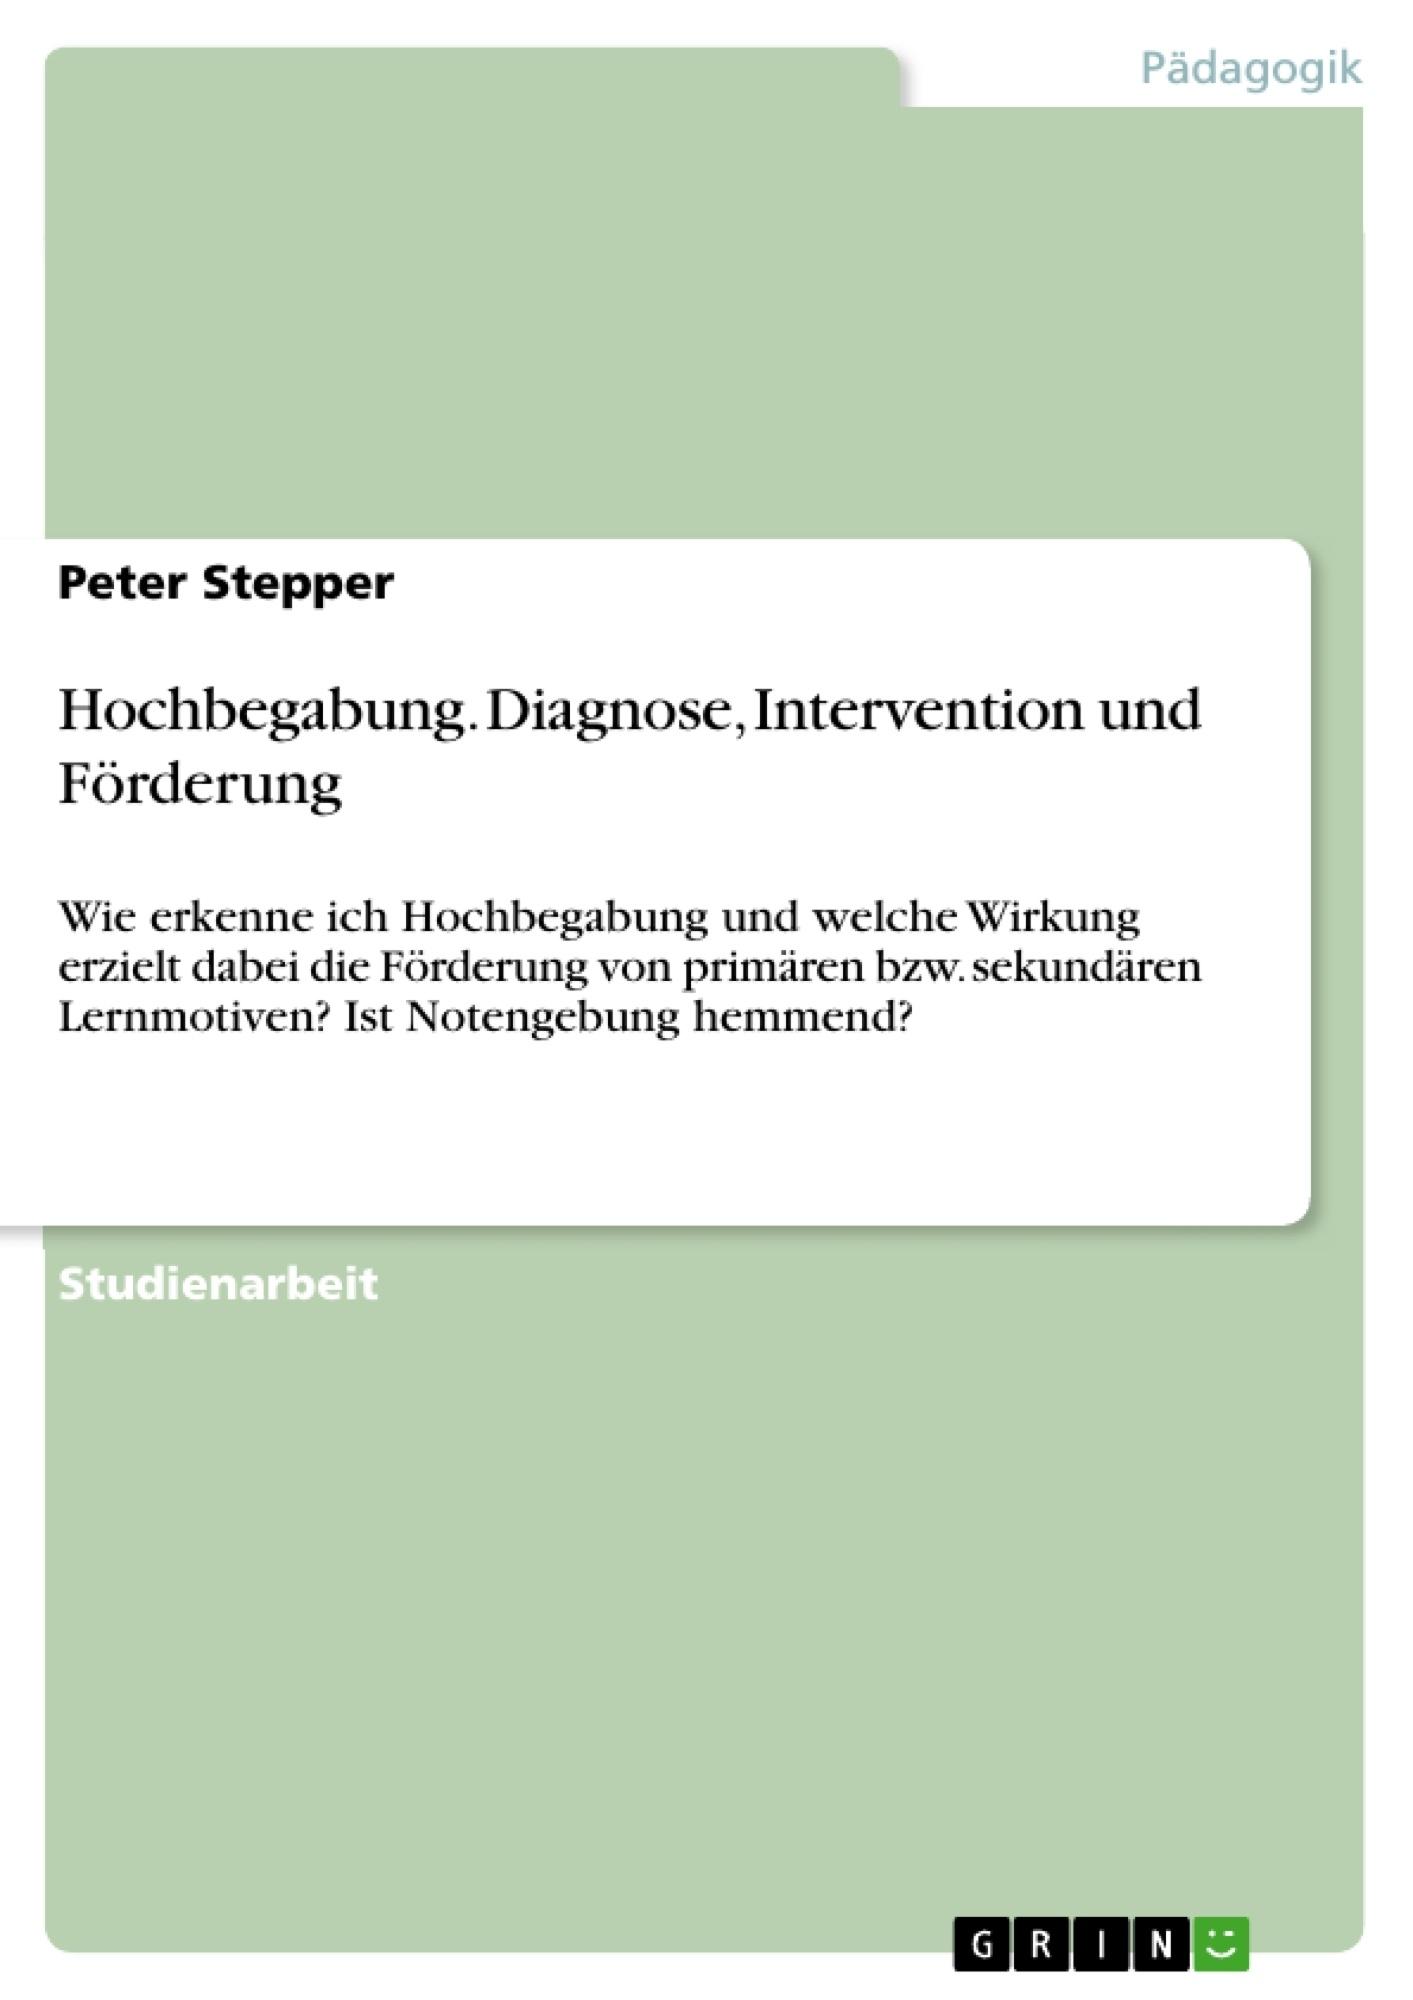 Titel: Hochbegabung. Diagnose, Intervention und Förderung